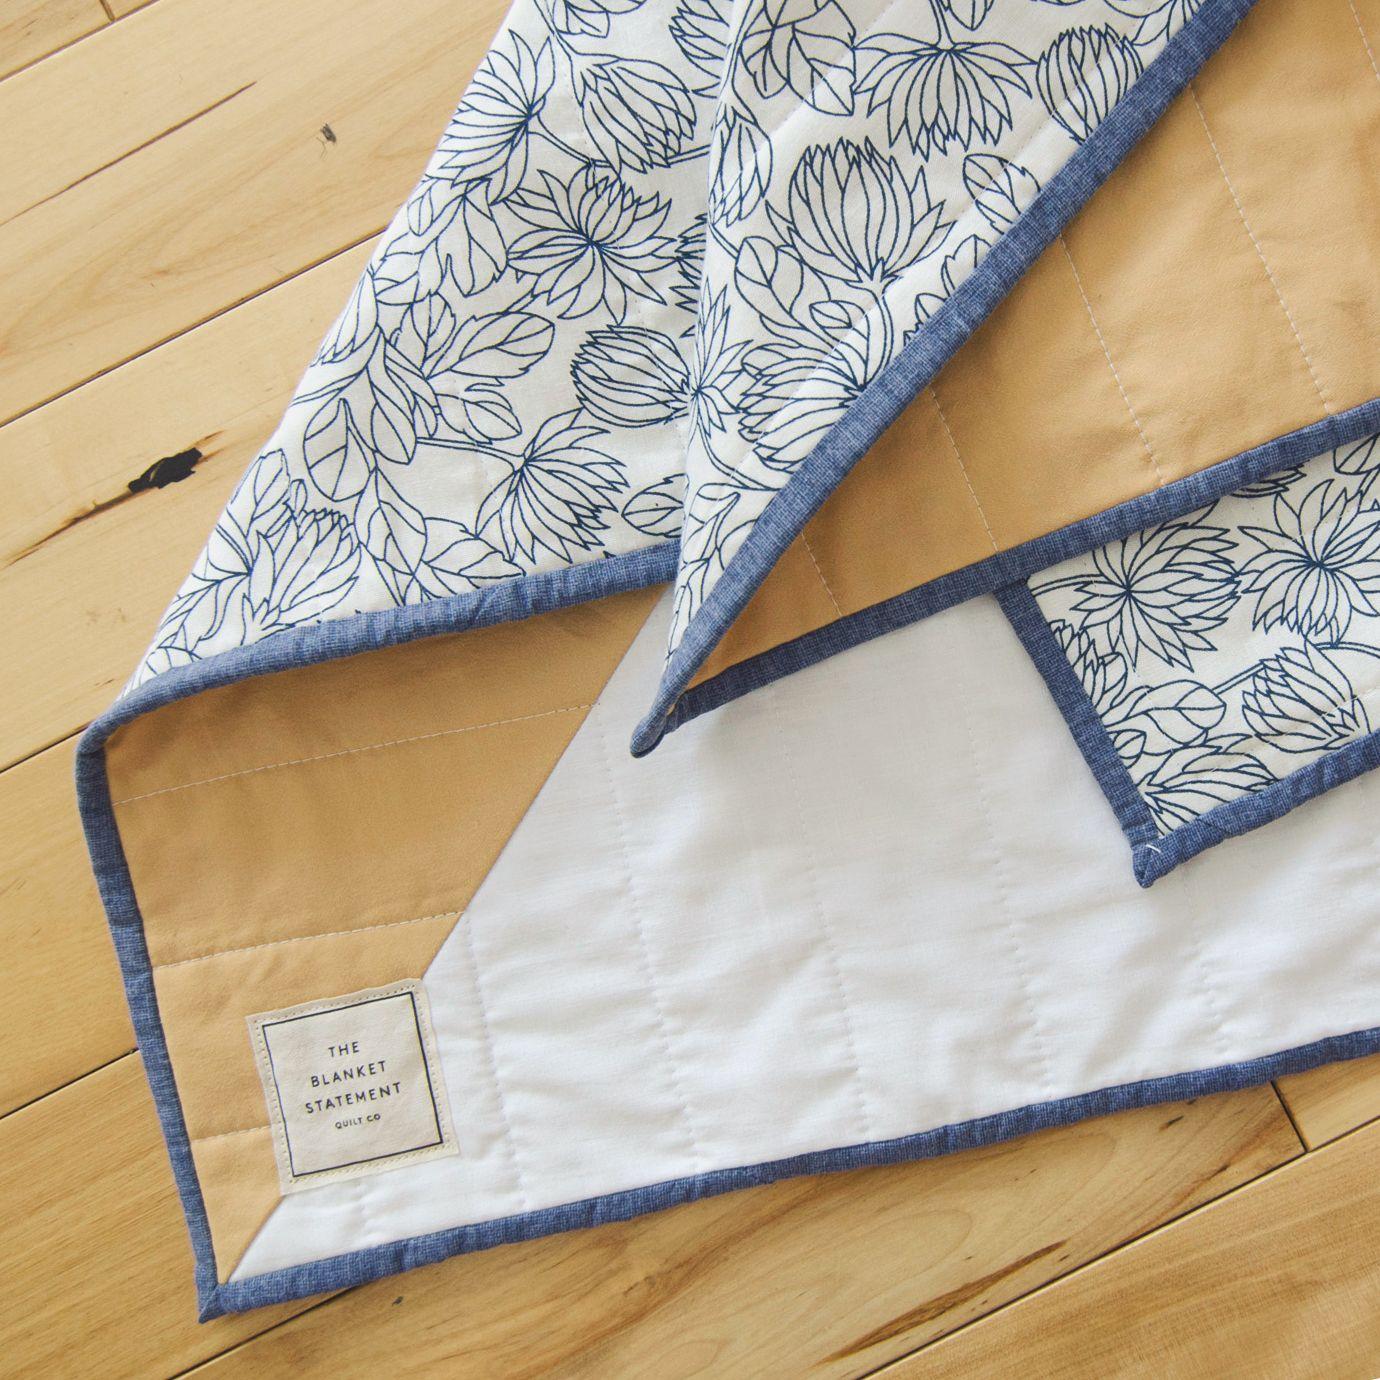 Modern quilt design by The Blanket Statement. #modernquiltingdesigns